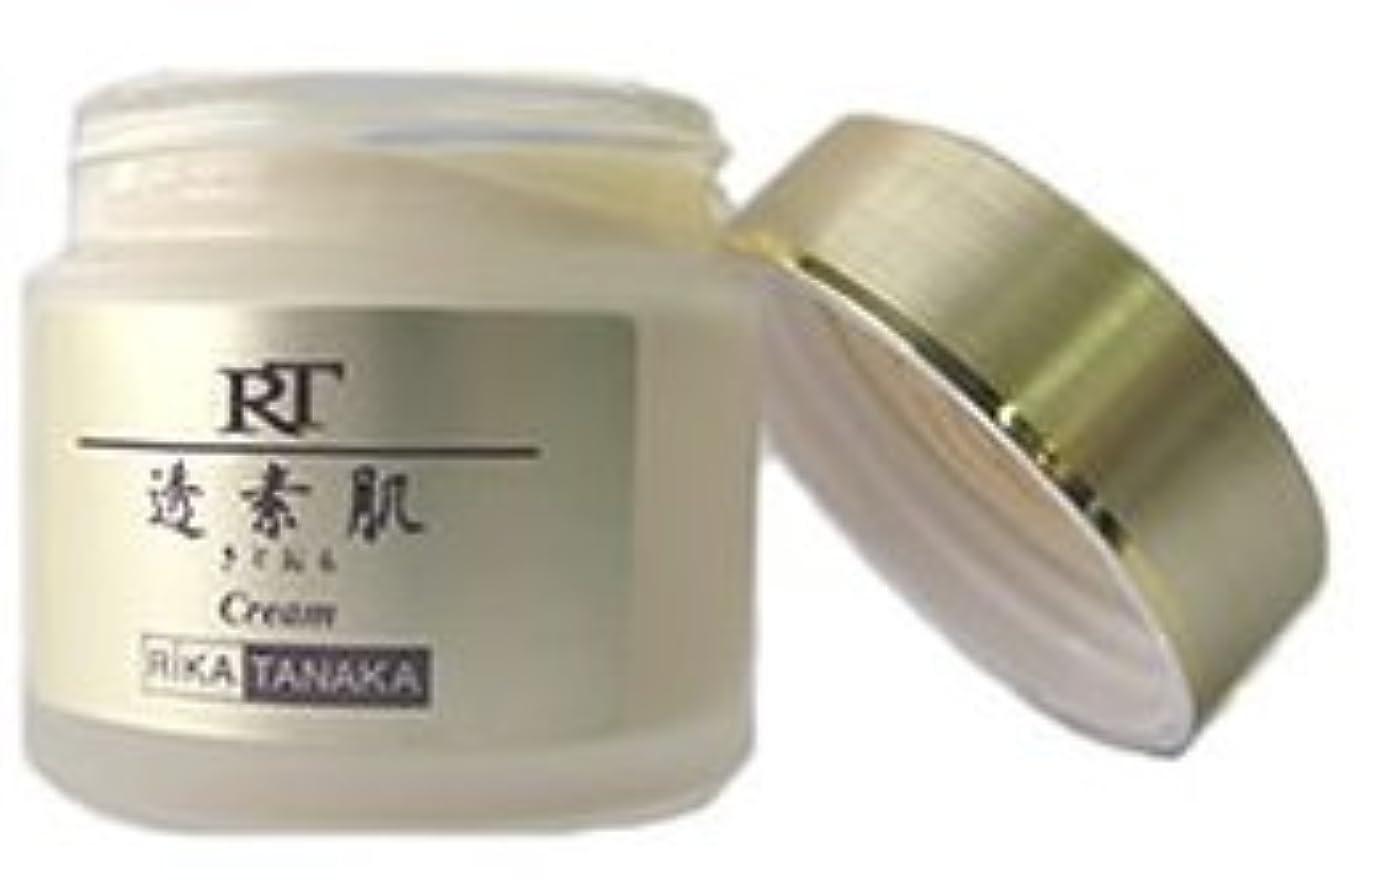 思い出させる有能なインセンティブRT 透きとおる素肌 UV BBクリーム オールインワン